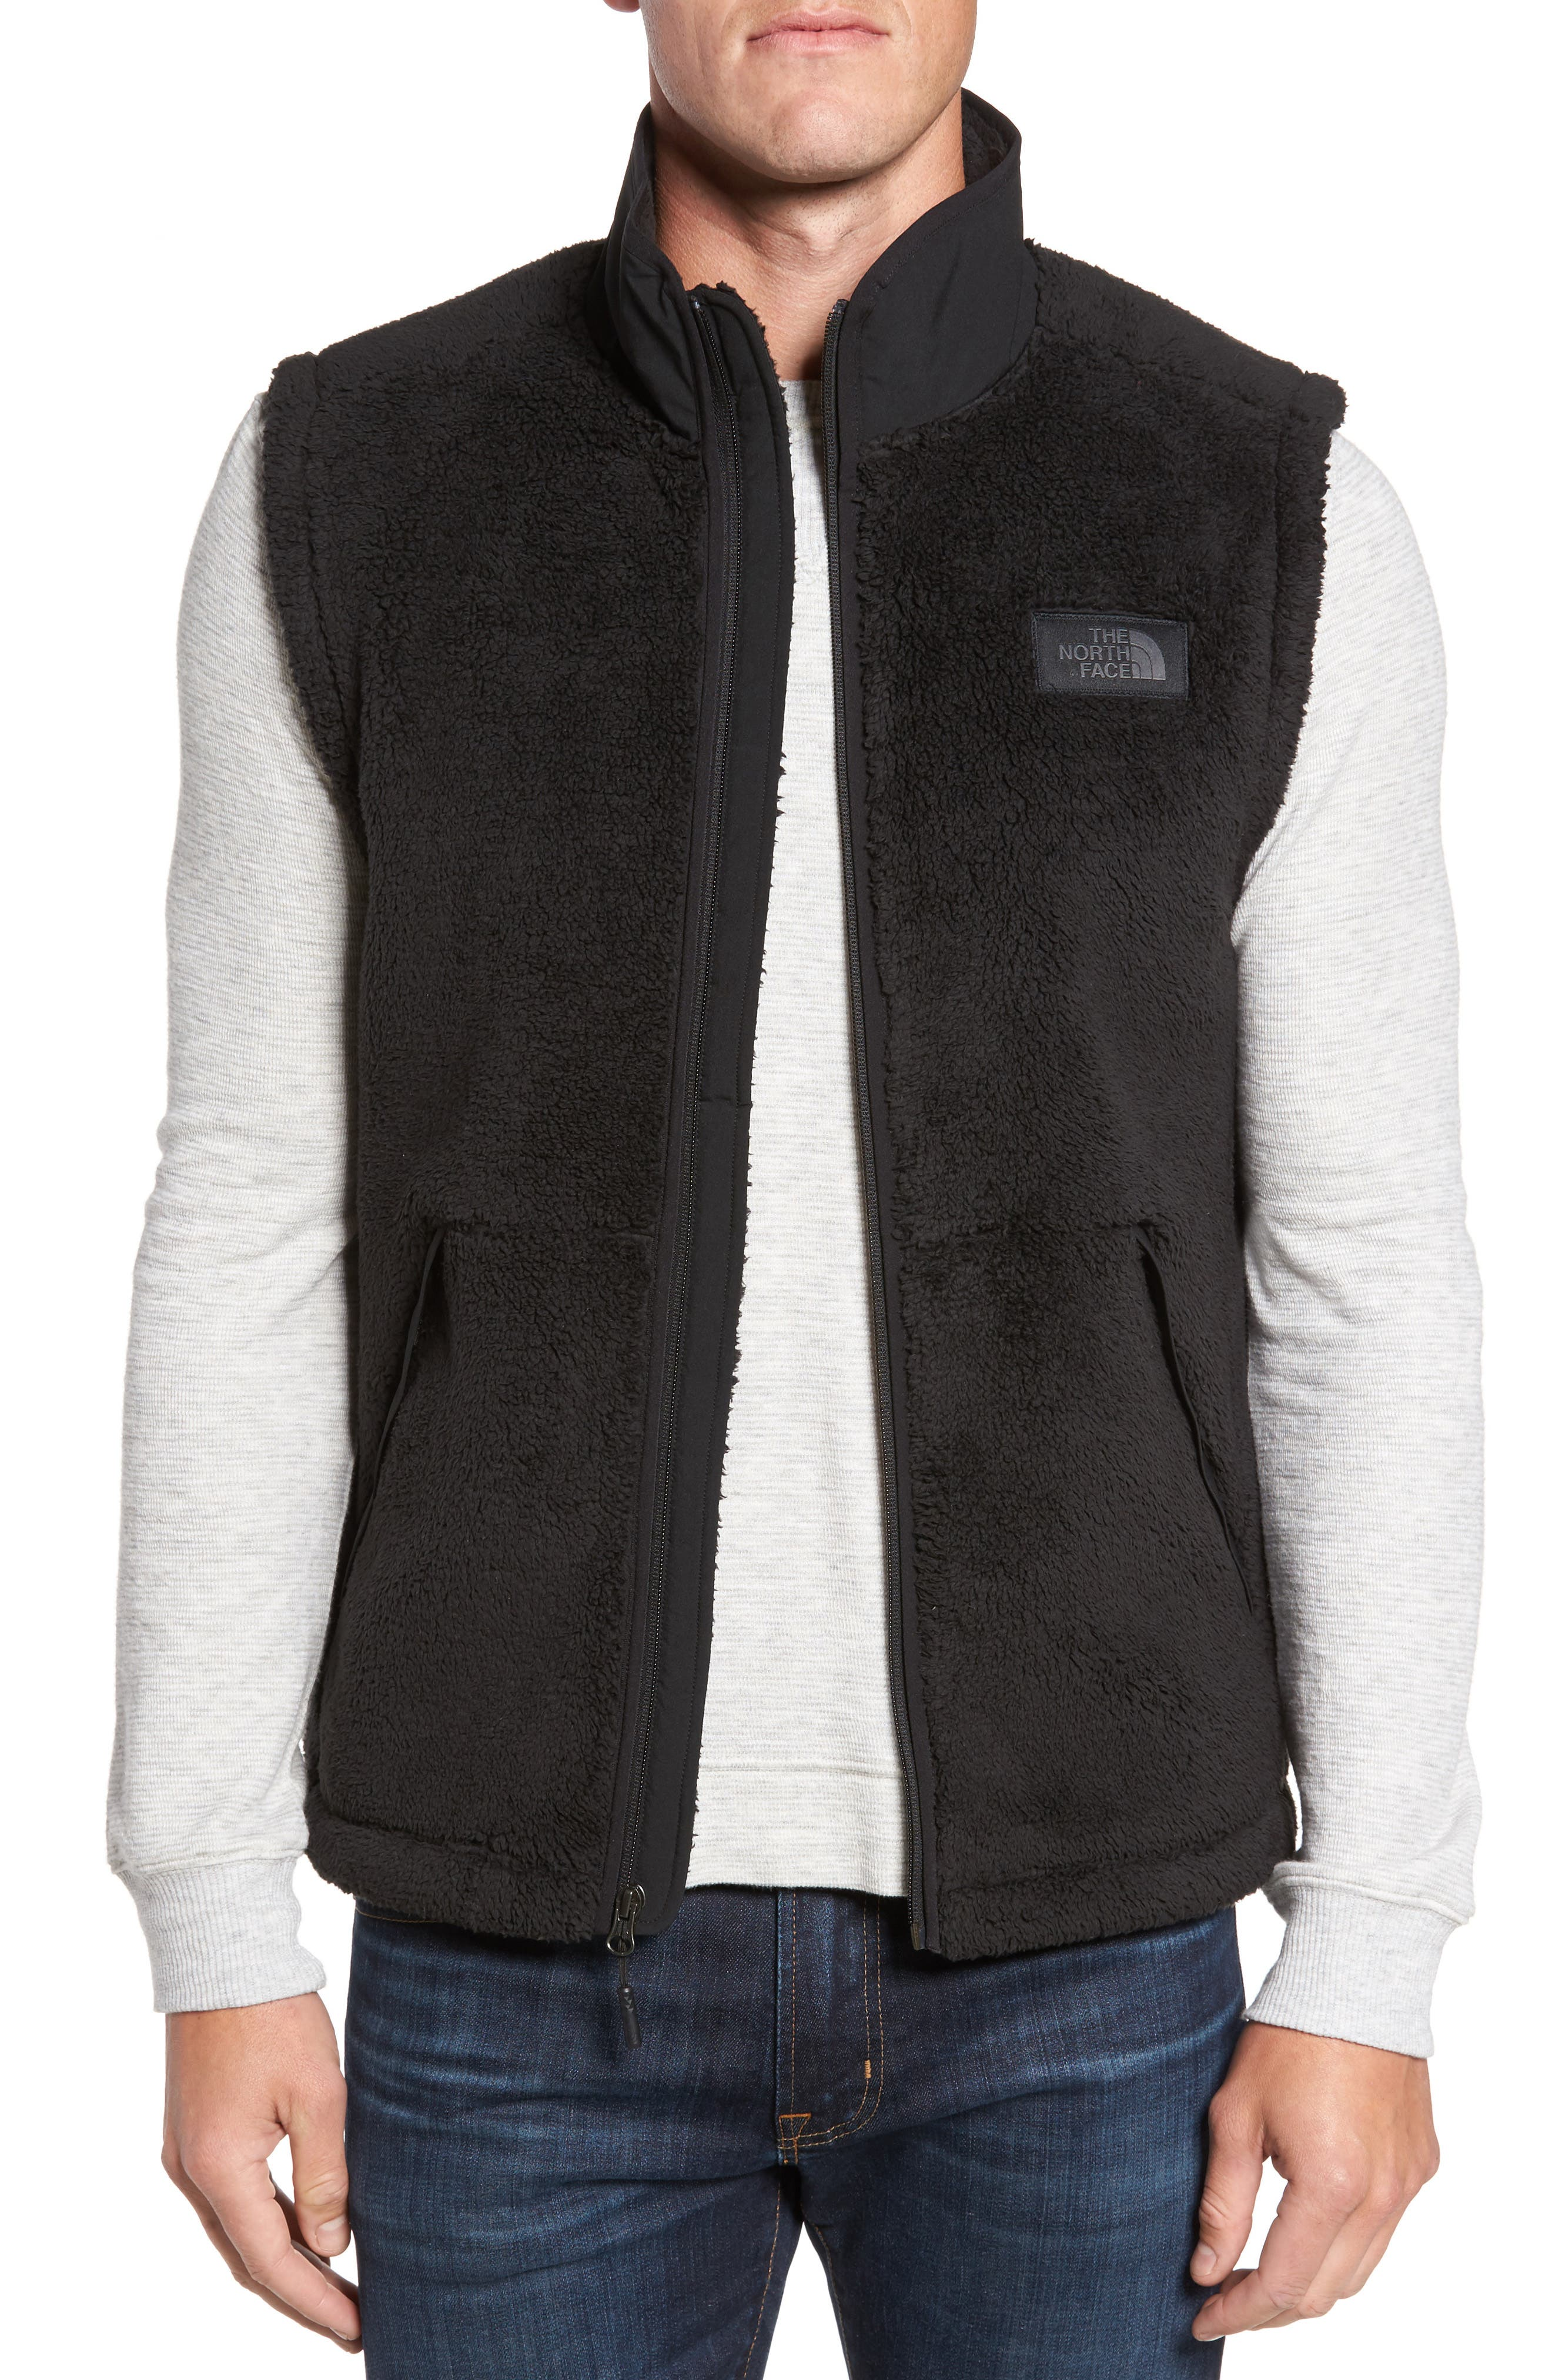 Campshire Fleece Vest,                         Main,                         color, Black